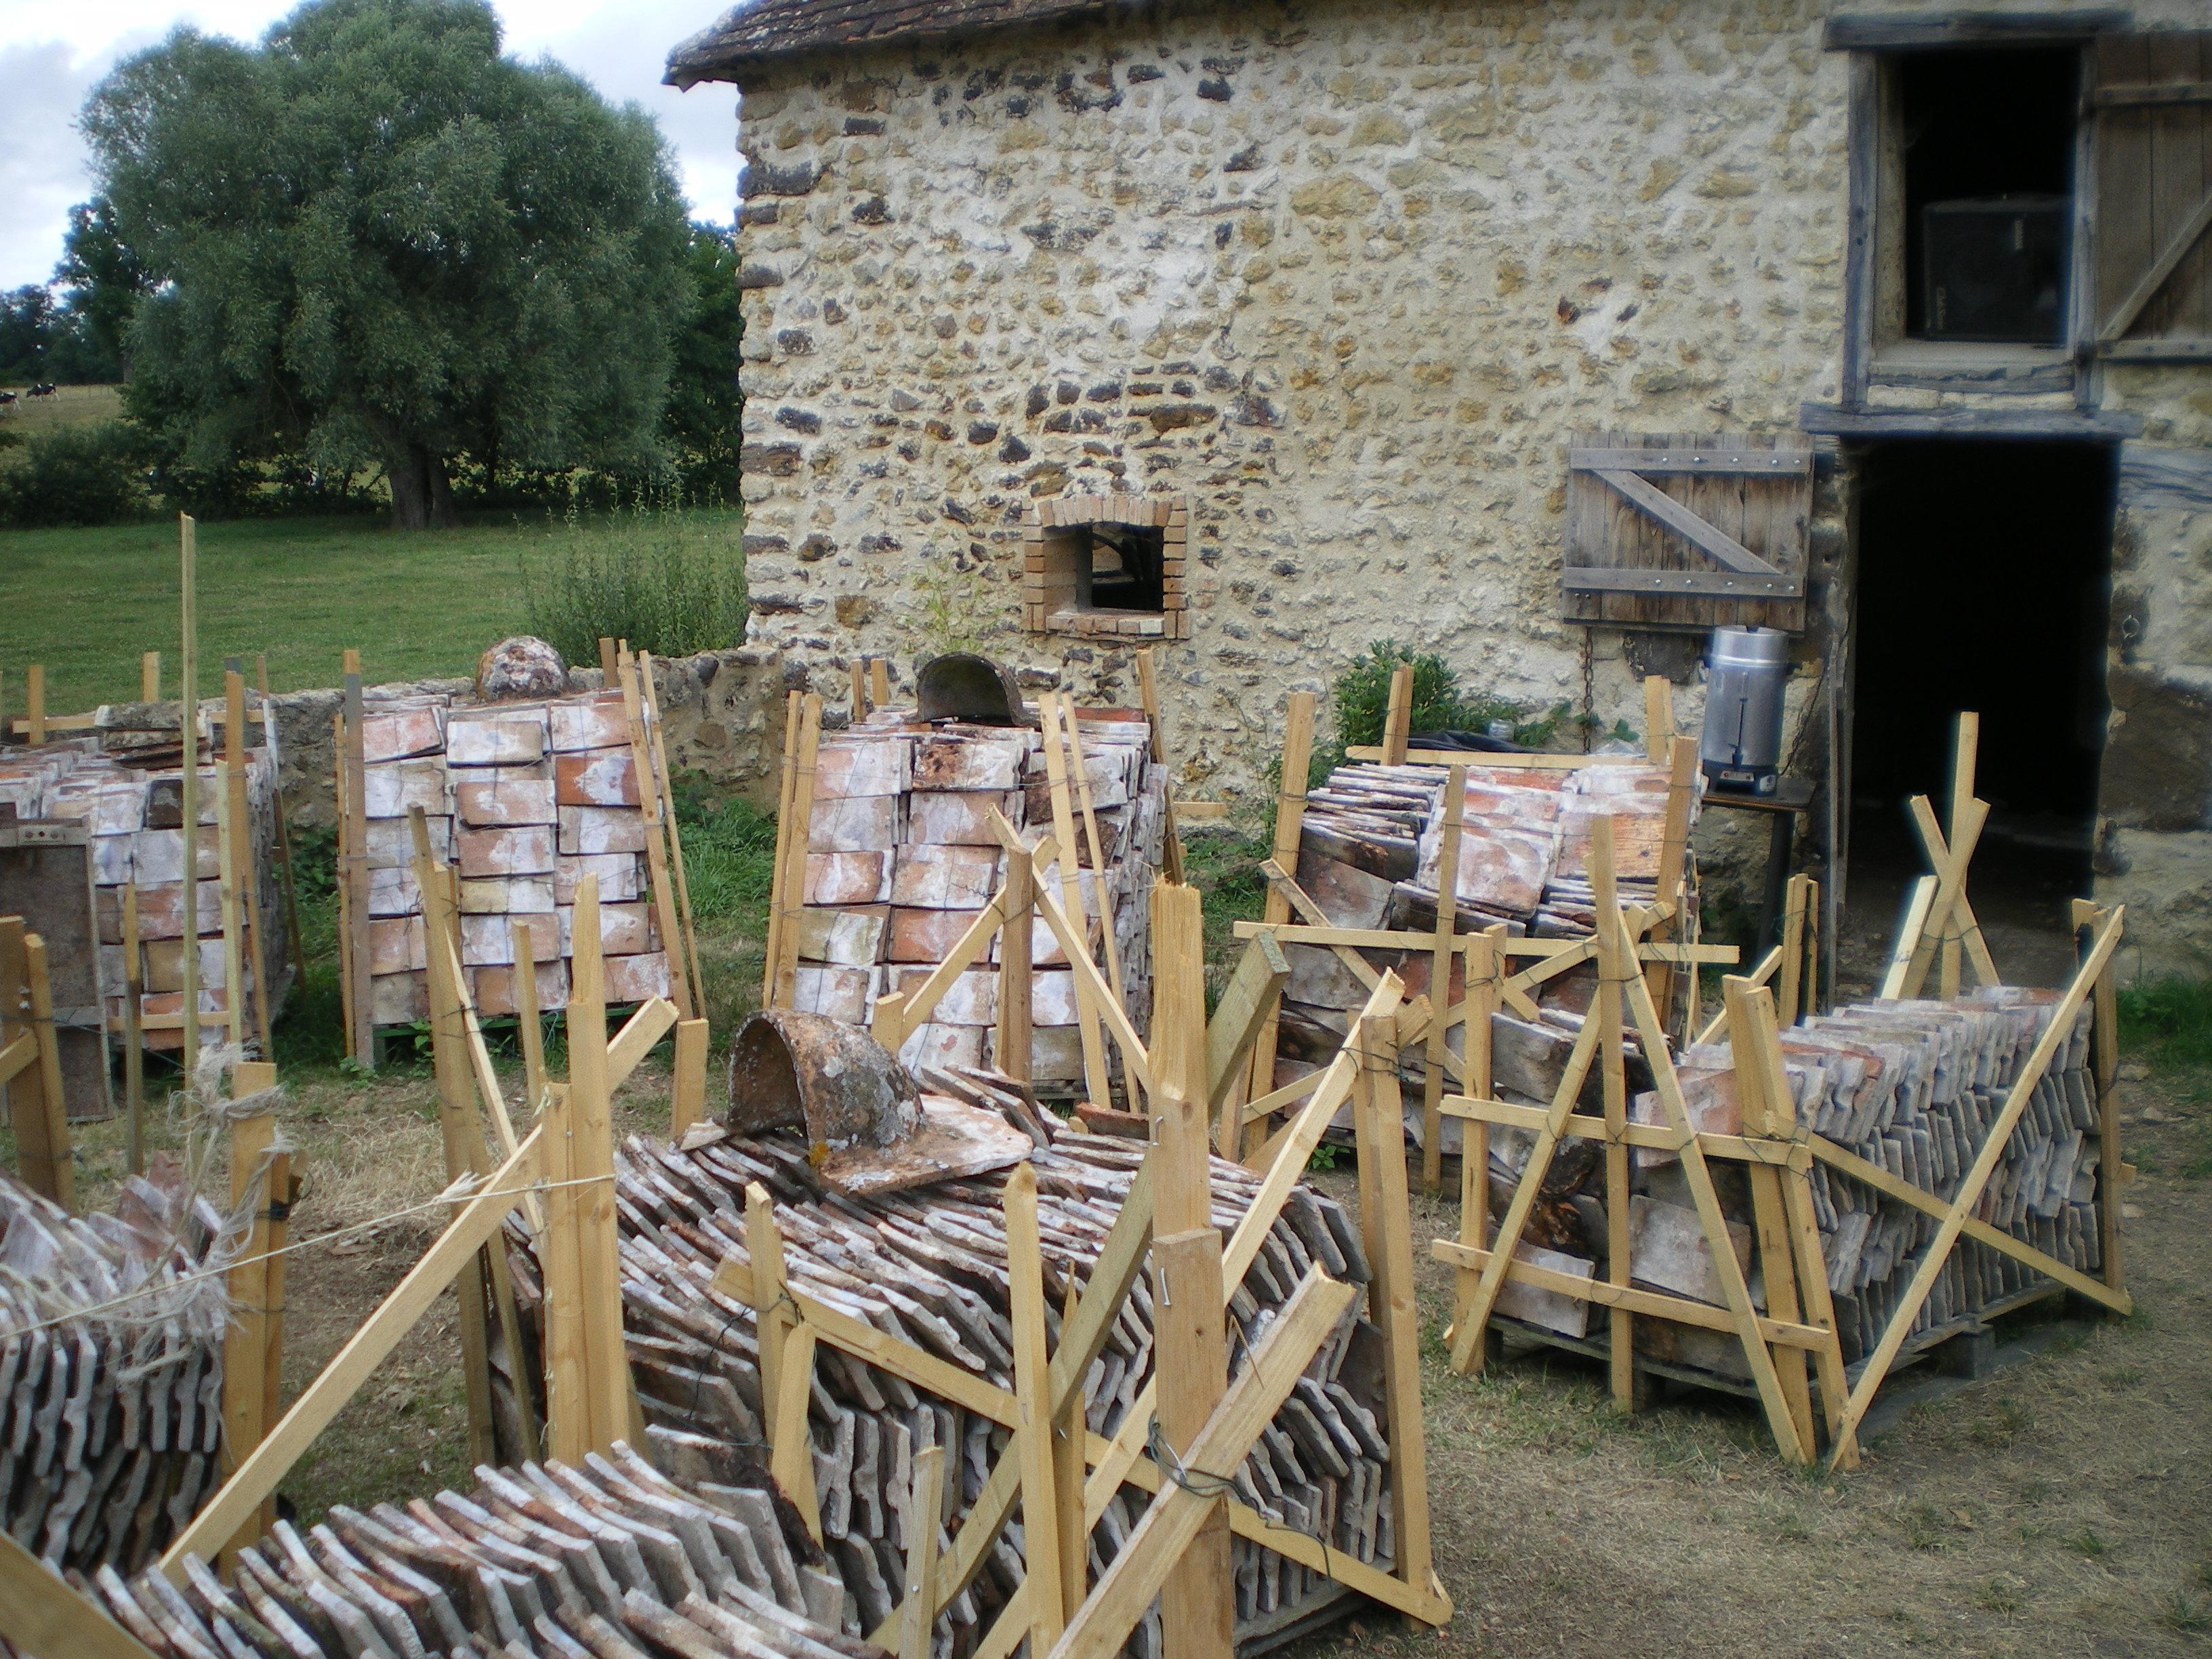 16000 tuiles anciennes ont été démontées, descendues  et nettoyées une par une pour réemploi.